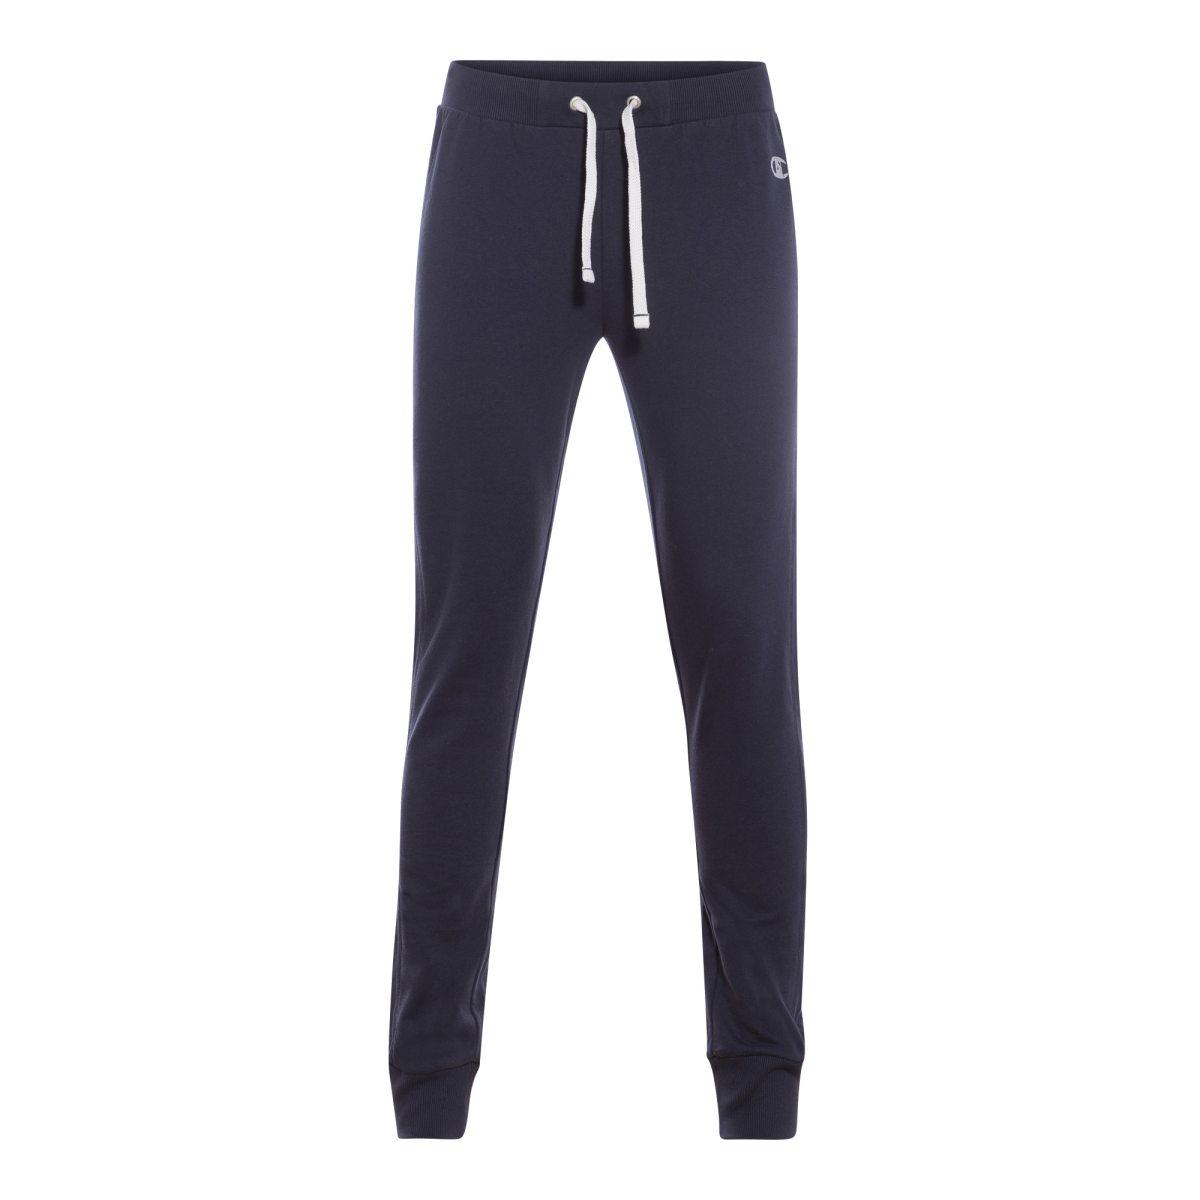 eb746b73 Buy rib cuff pants. Shop every store on the internet via PricePi.com